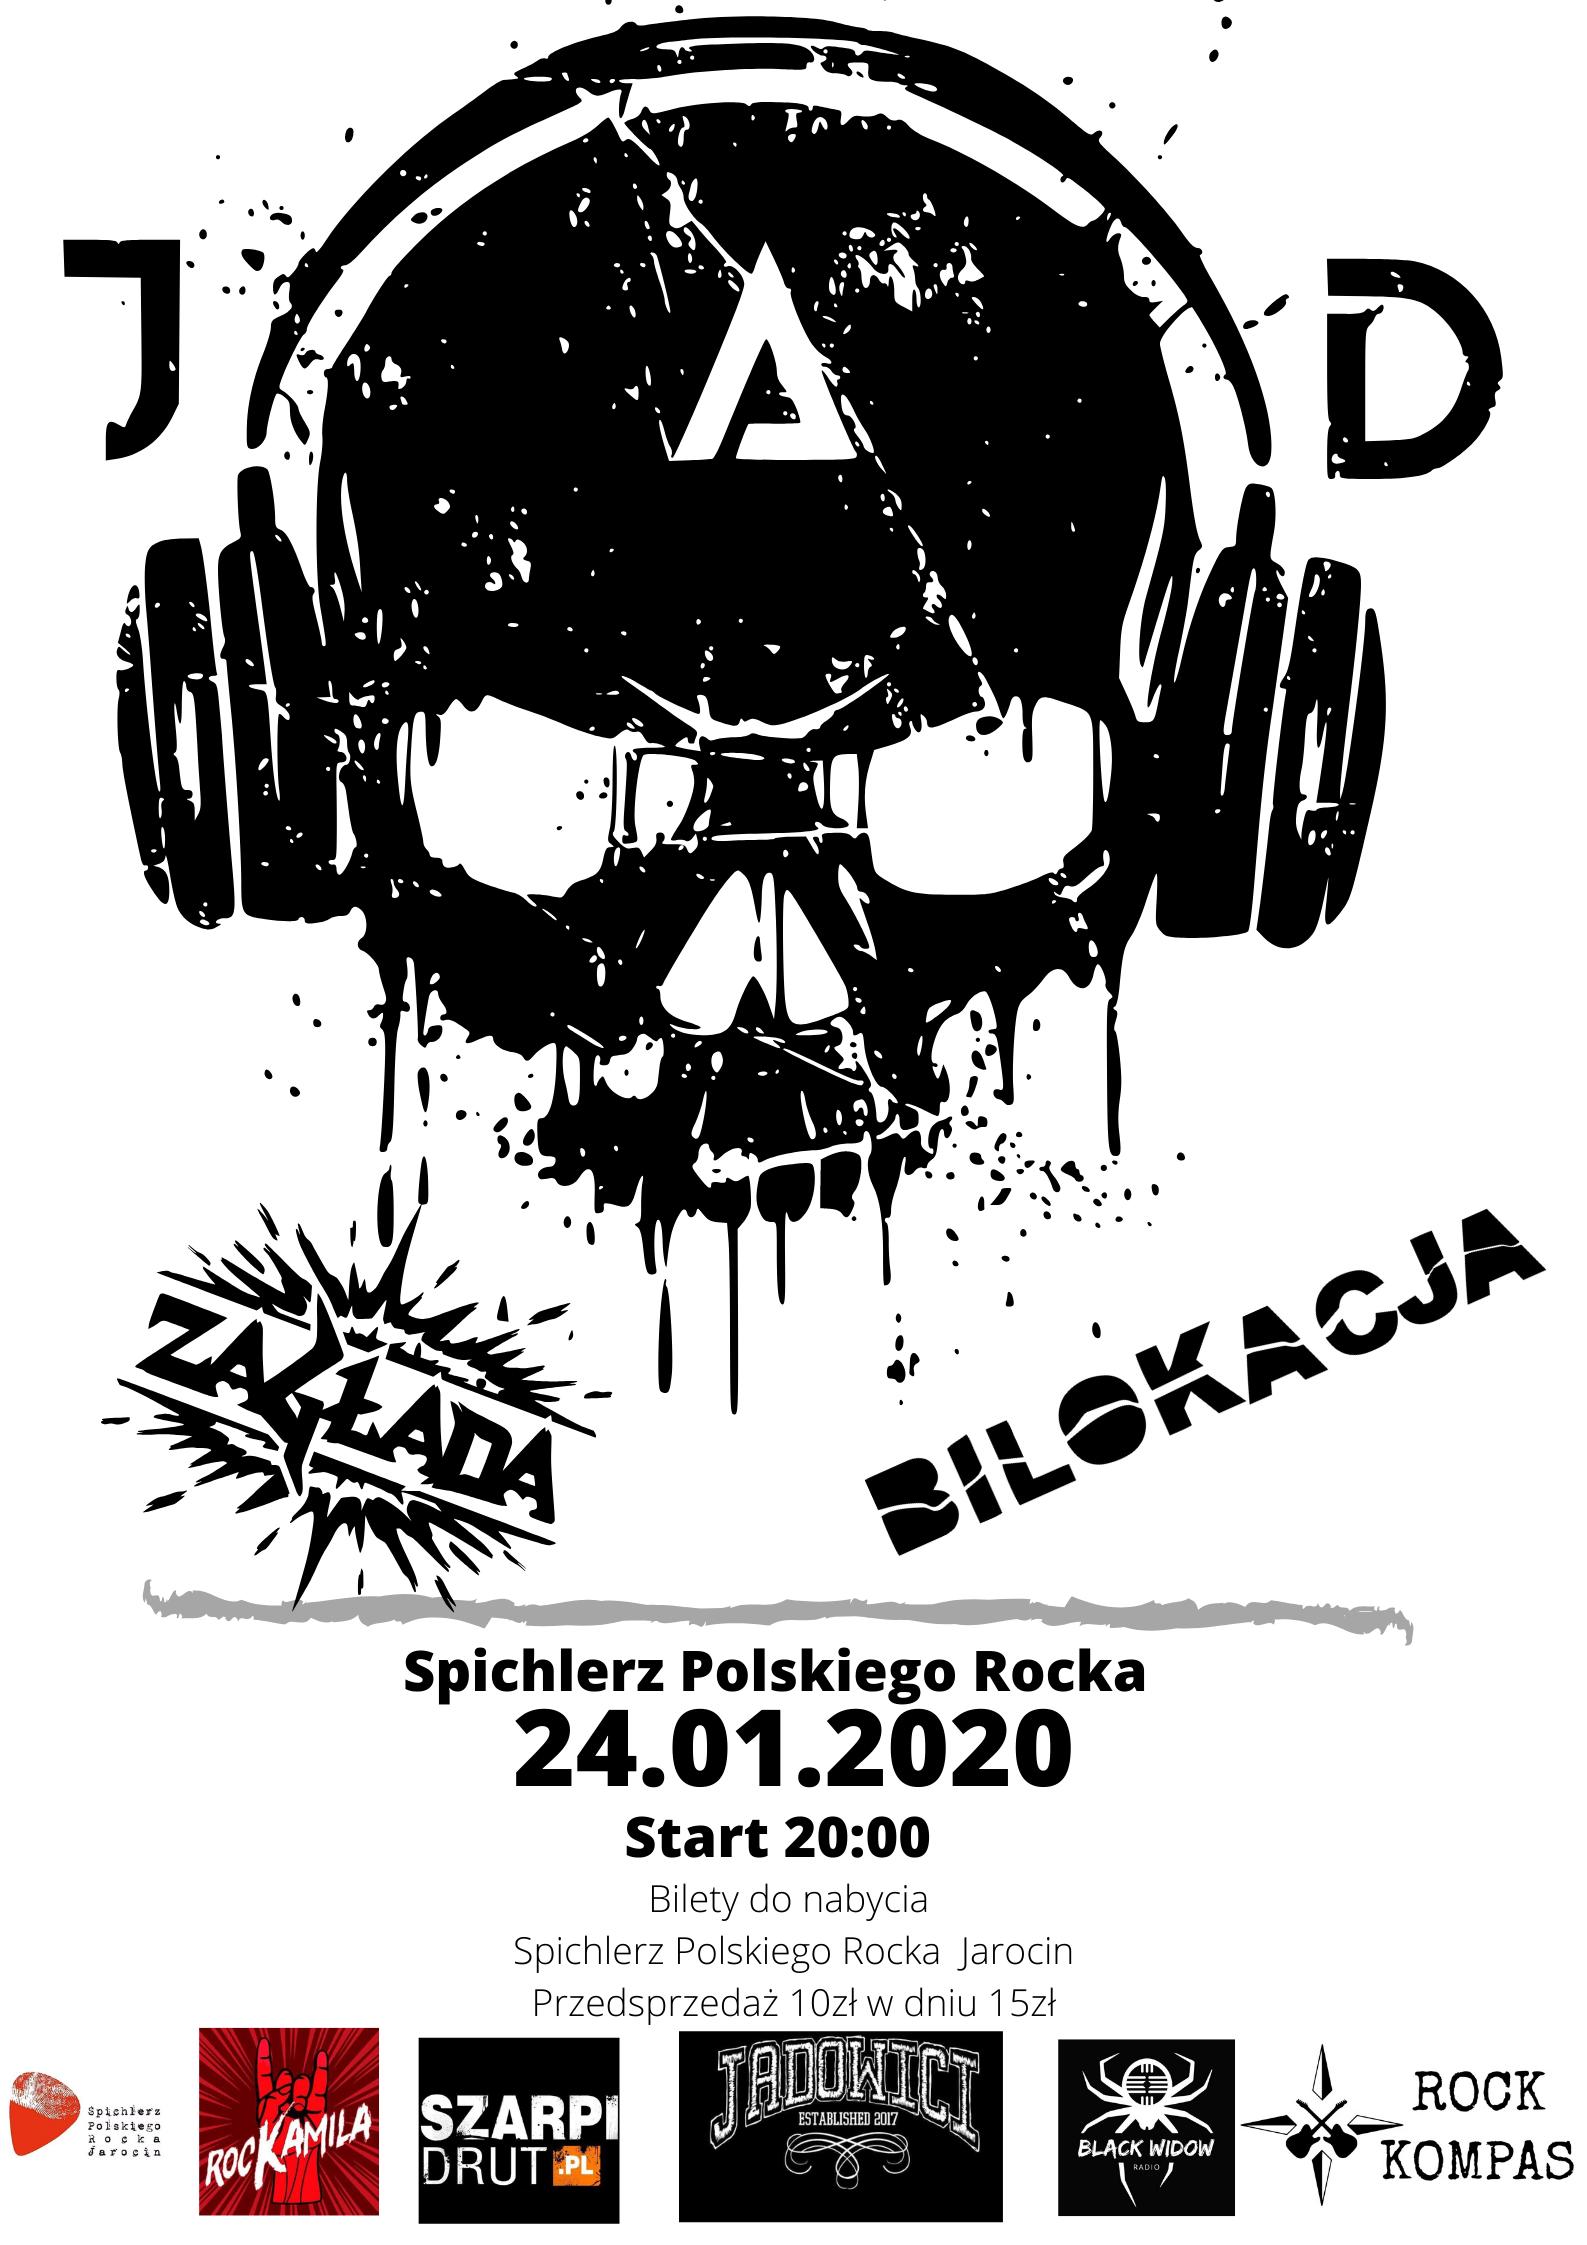 J.A.D, Zagłada, Bilokacja – koncert w Spichlerzu za 2 tygodnie (24.01.2020 r.). Zapraszamy!!!